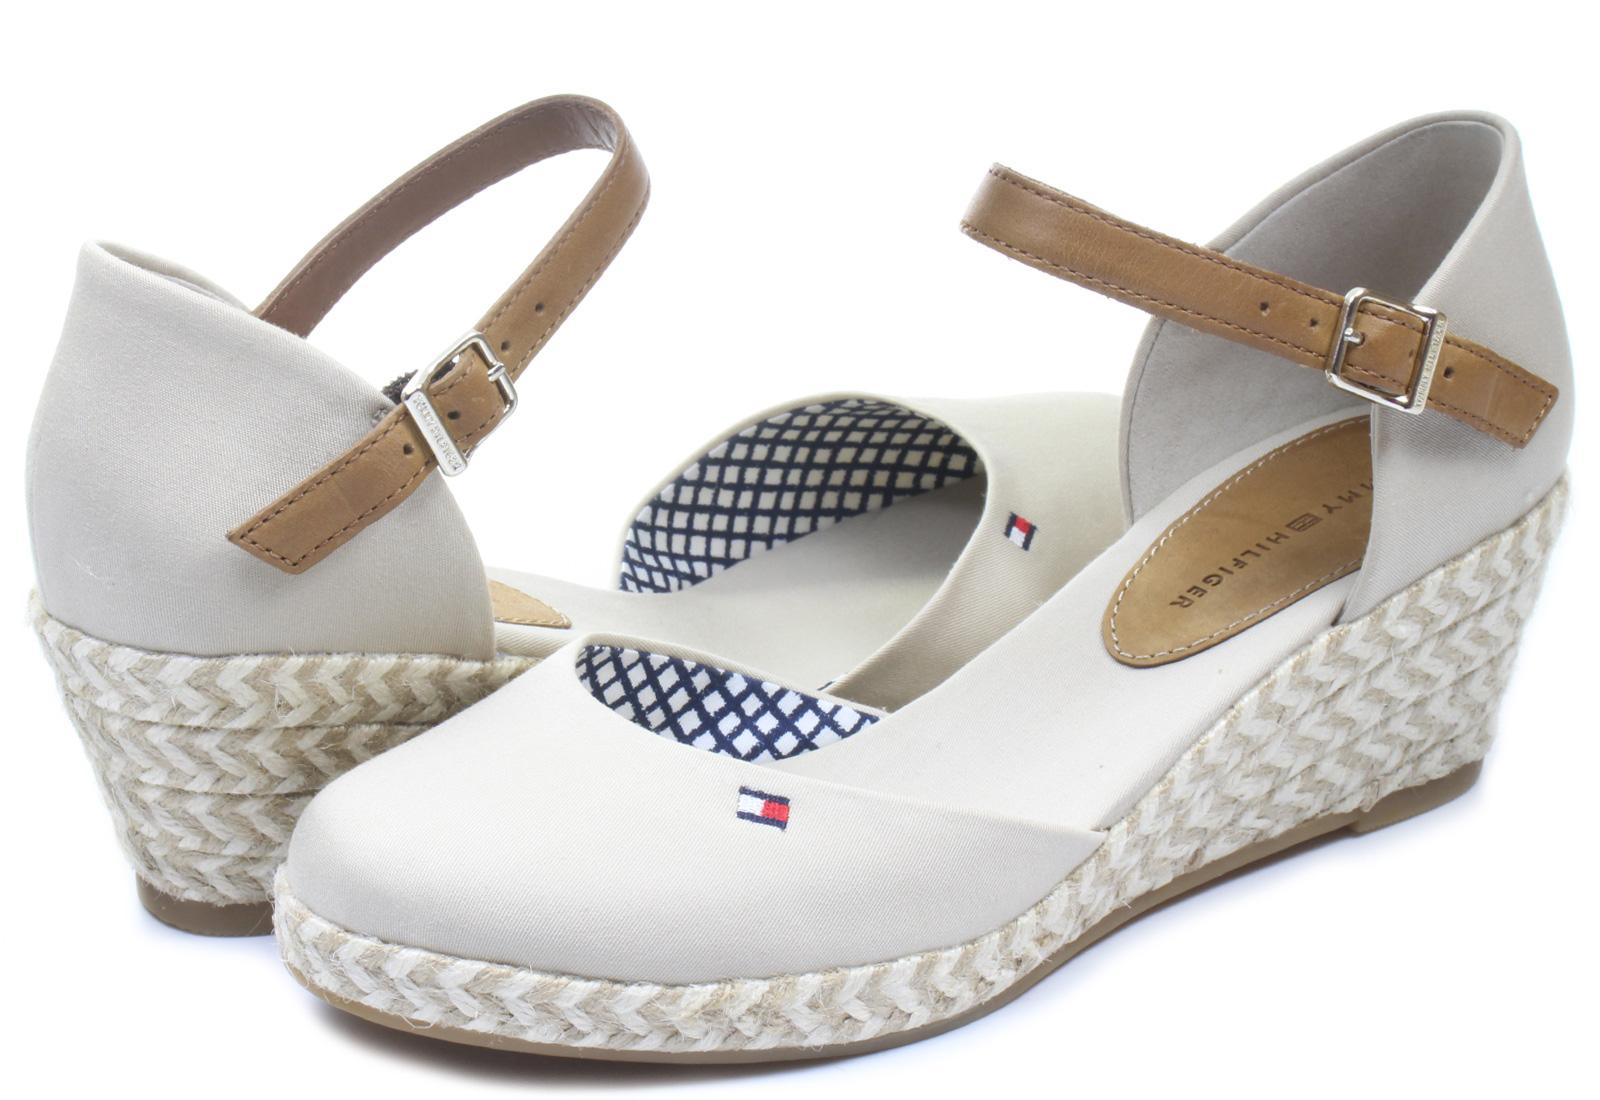 tommy hilfiger sandals elba 13 14s 7423 261 online. Black Bedroom Furniture Sets. Home Design Ideas